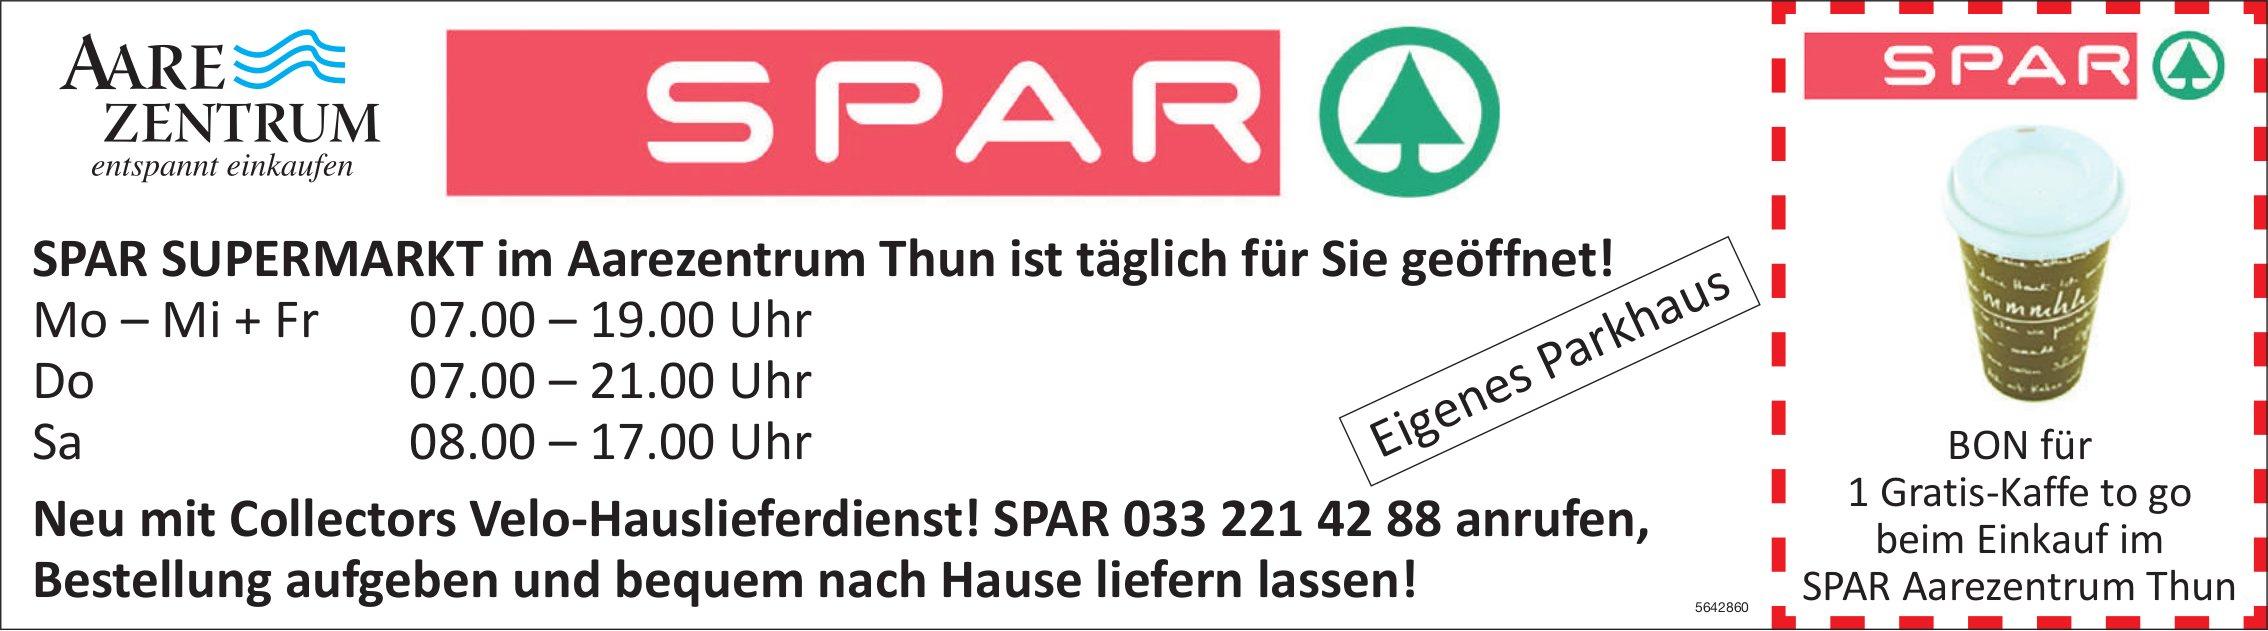 Thun - SPAR SUPERMARKT im Aarezentrum Thun ist täglich für Sie geöffnet!